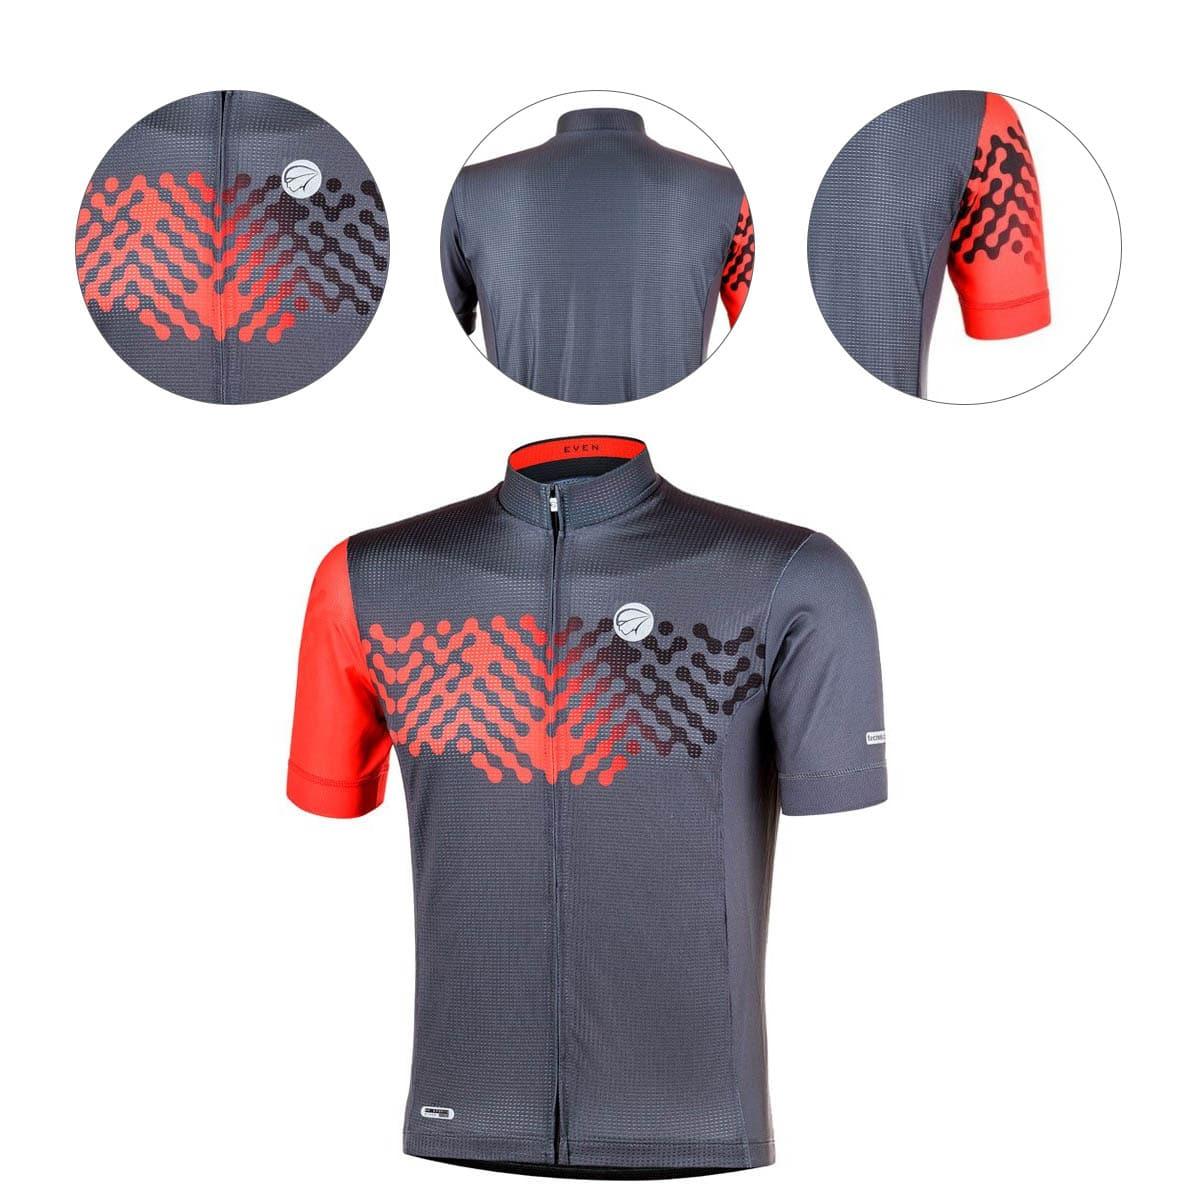 camisa de ciclismo da marca mauro ribeiro